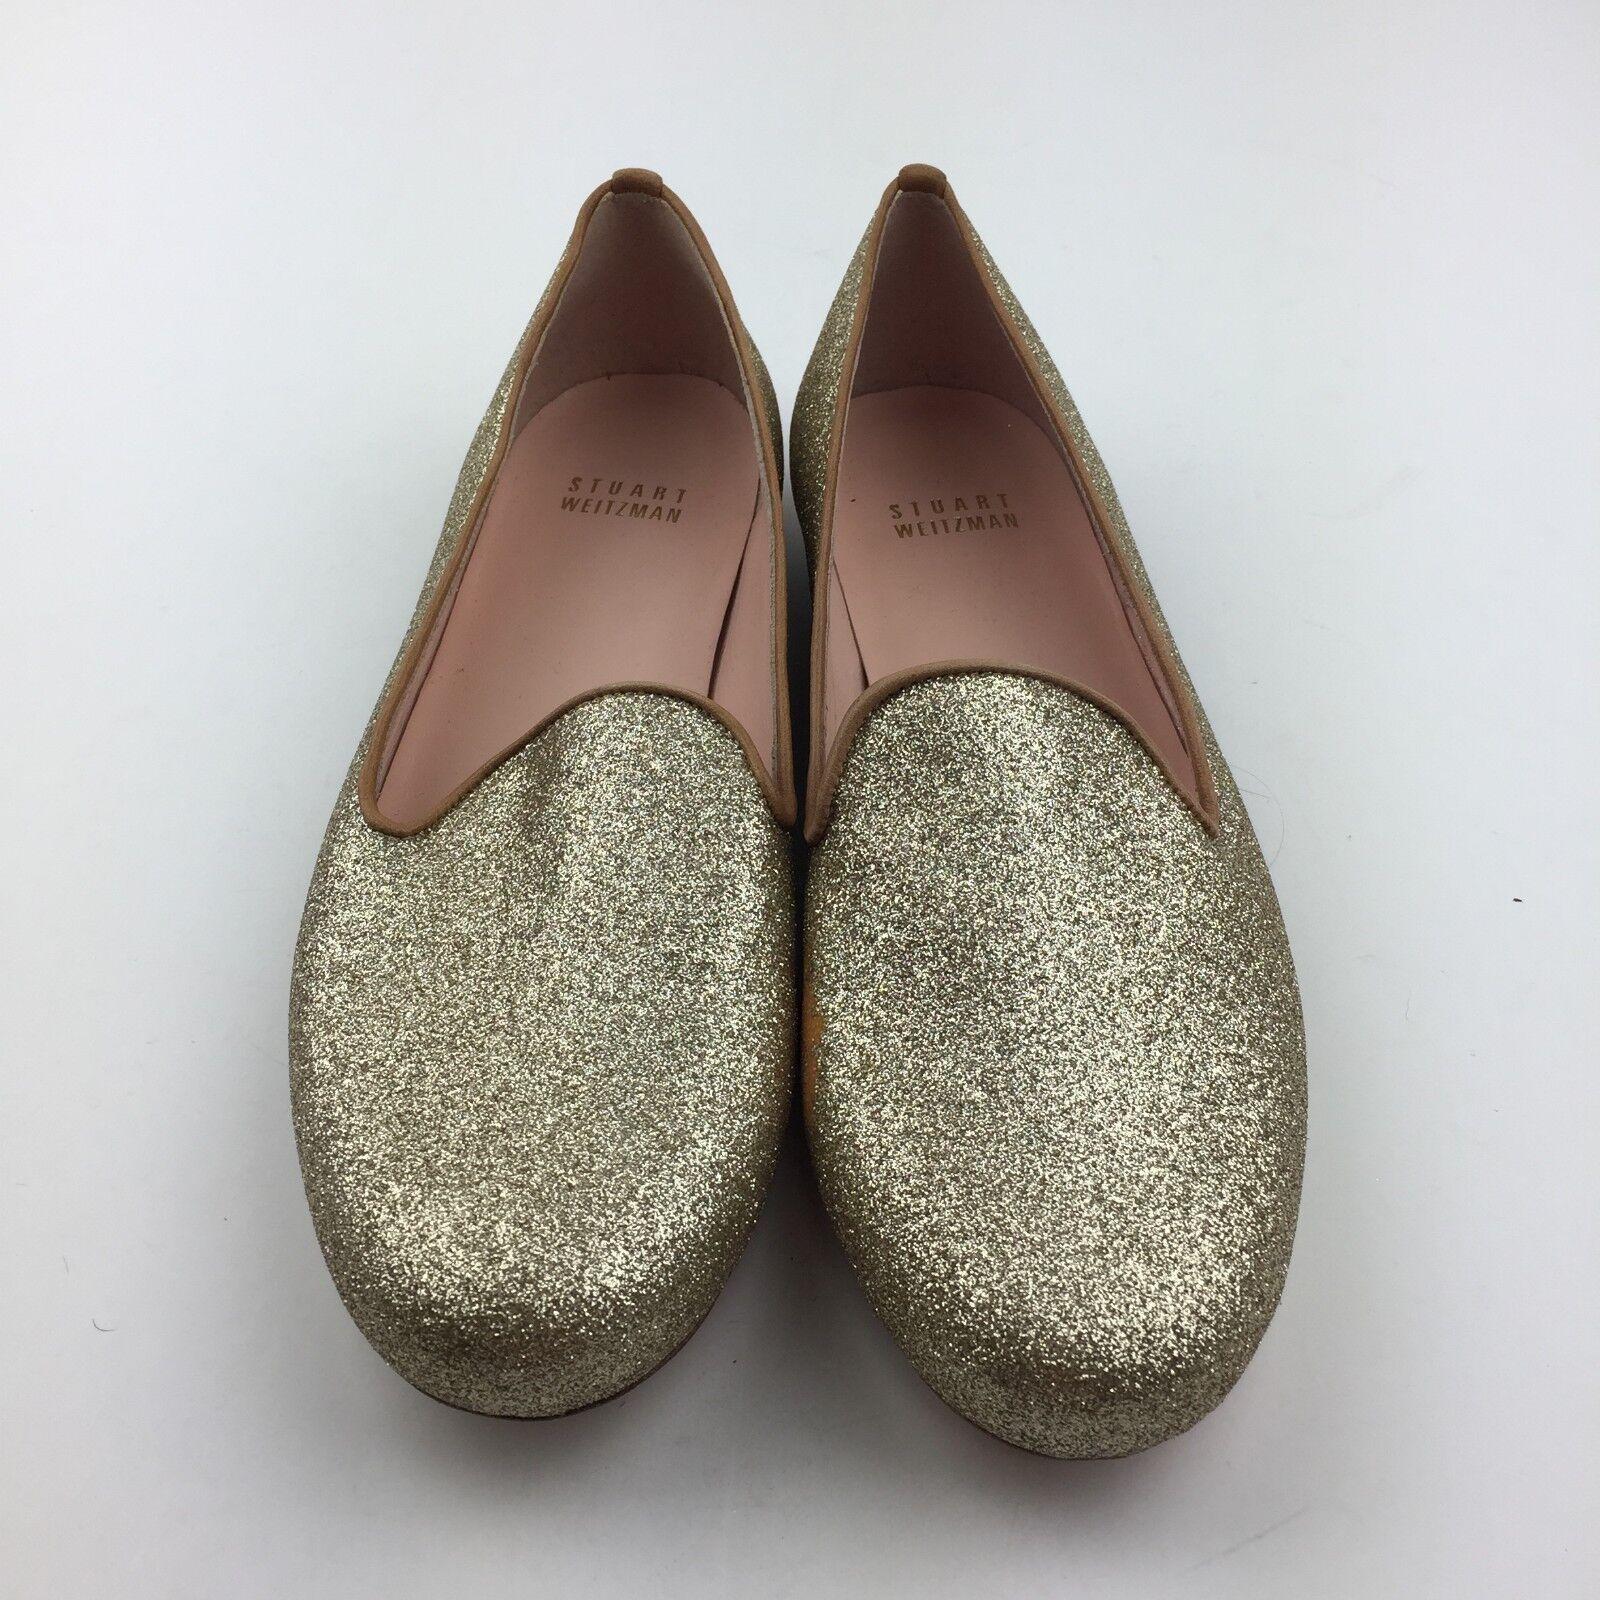 FLAW Stuart Weitzman Größe 6.5 Gold Glitter Slip On Flat Penny Loafers